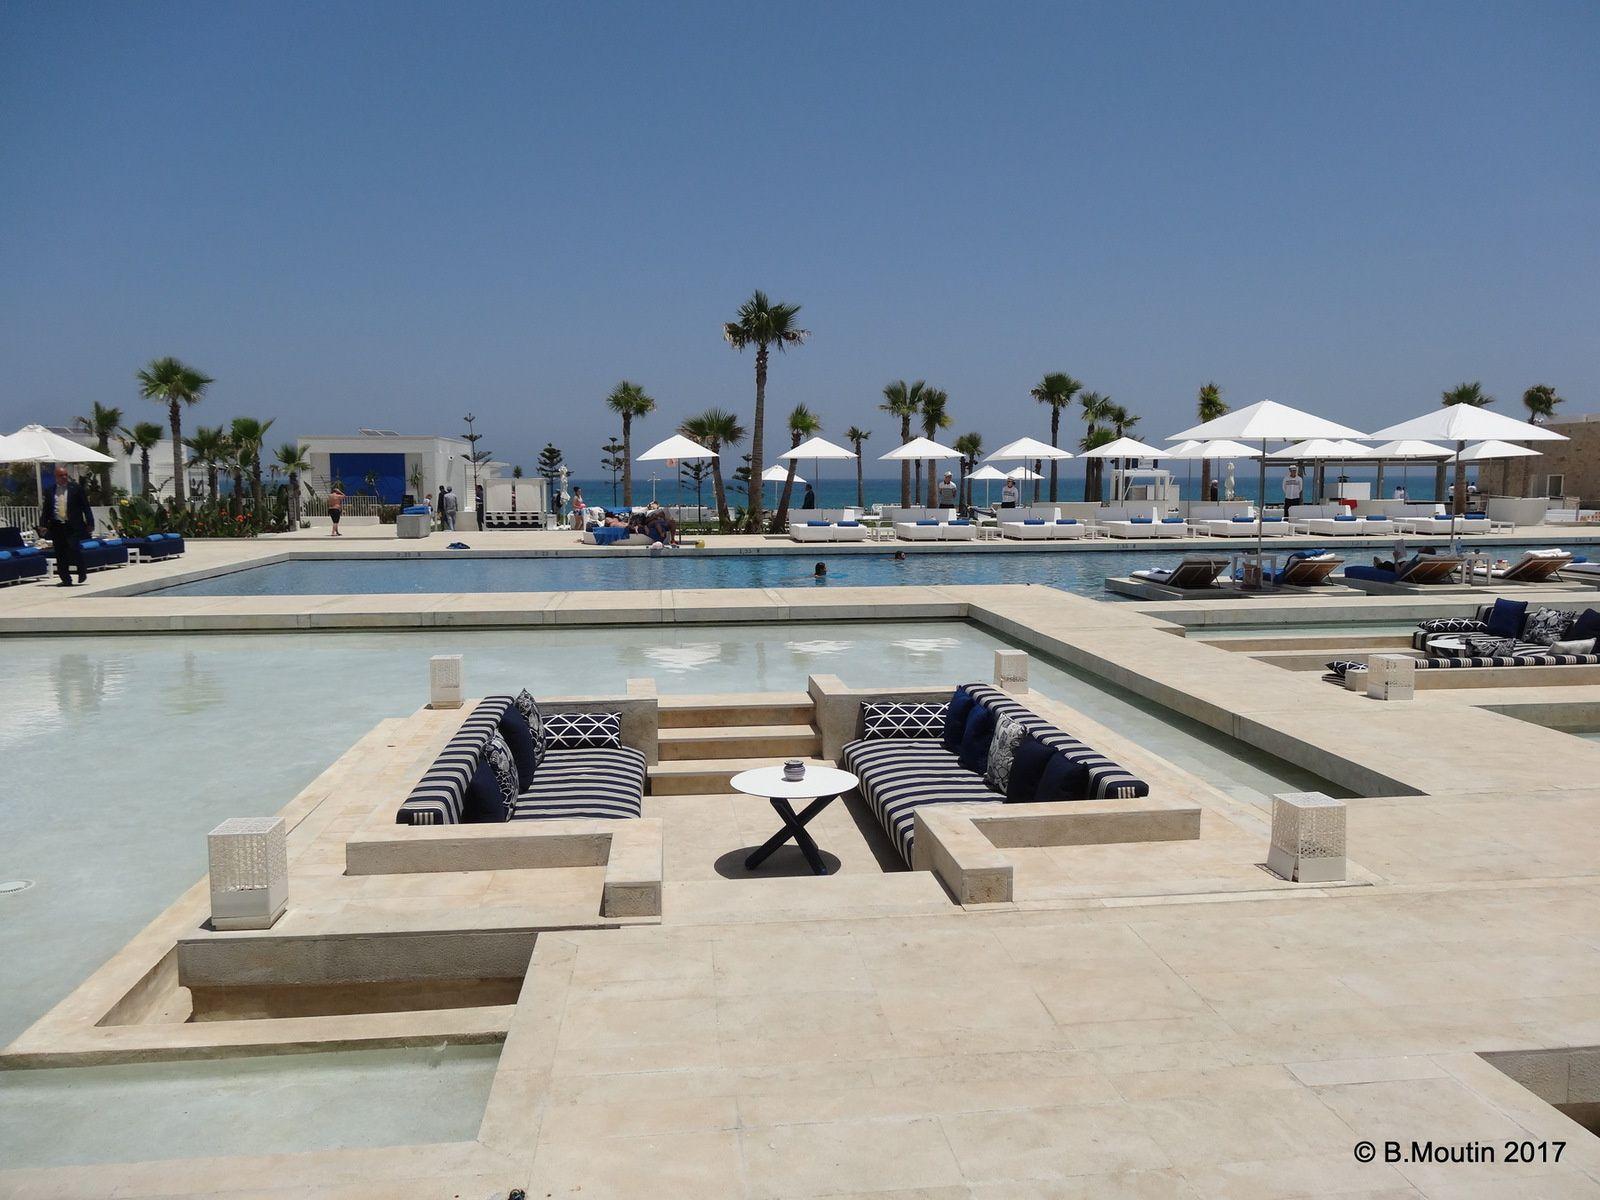 Le SOFITEL de M'diq au Maroc (5 photos)